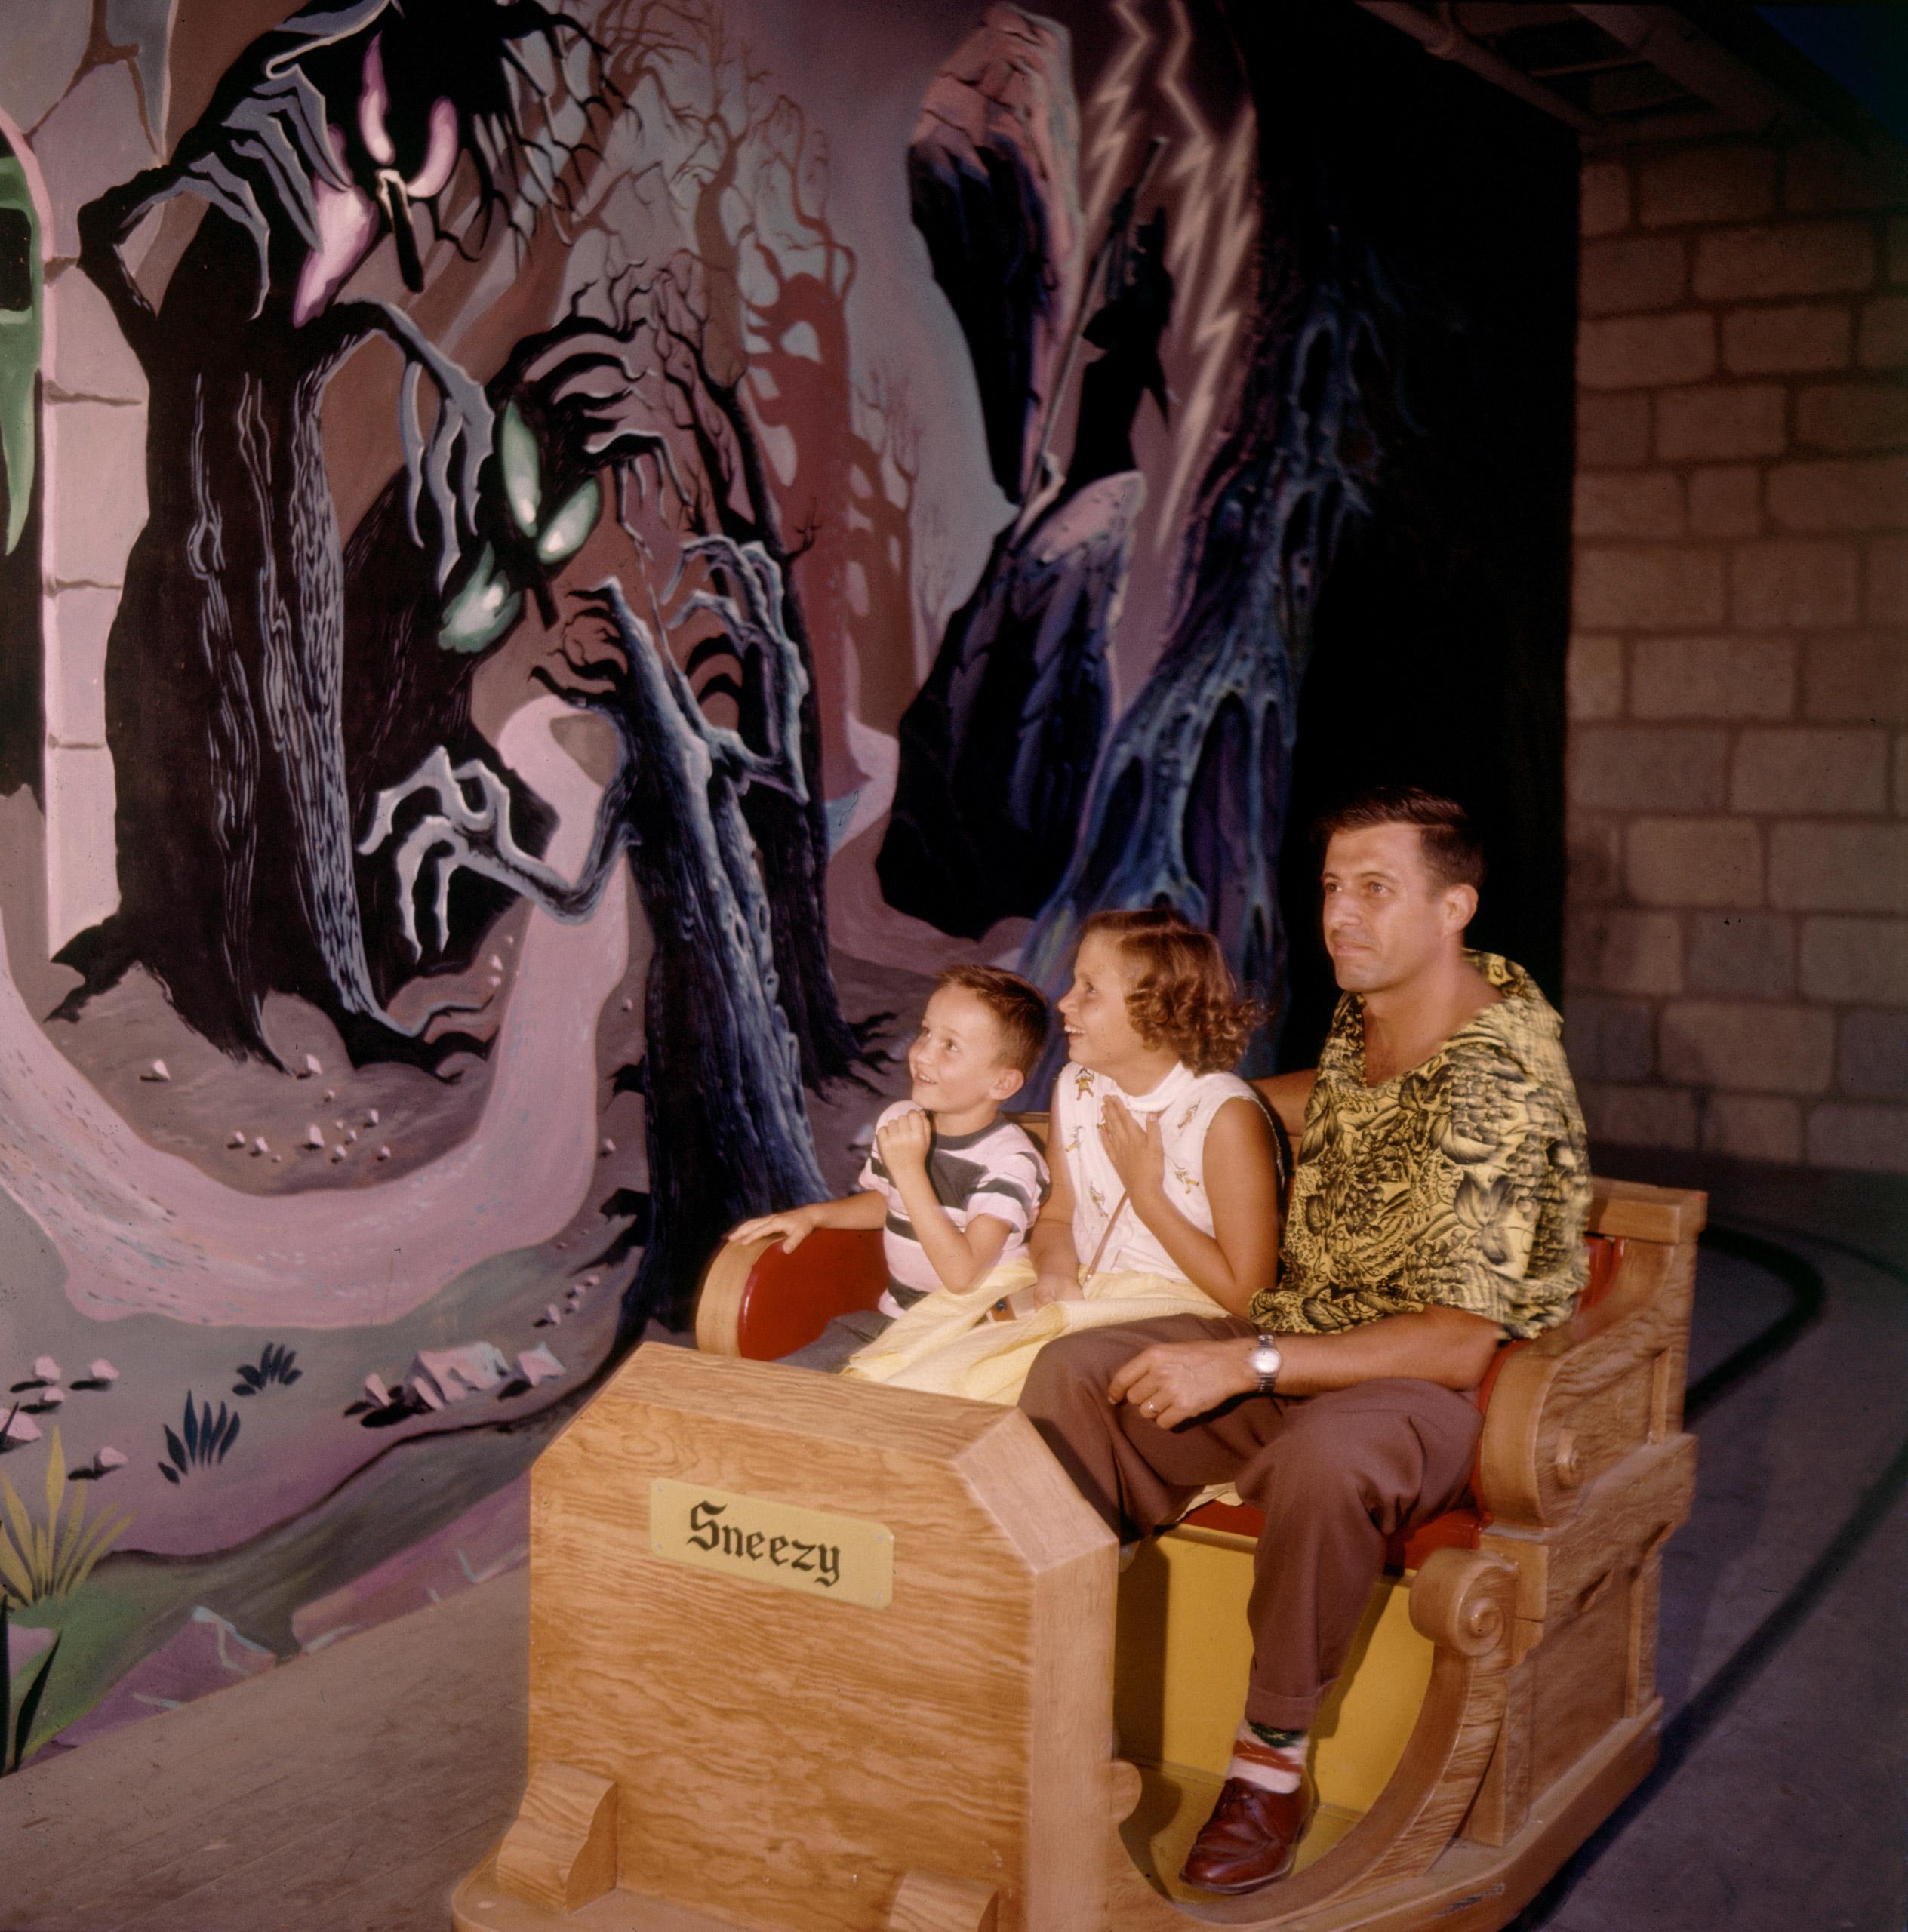 Children scared during Snow White ride at Disneyland Amusement Park, 1955.